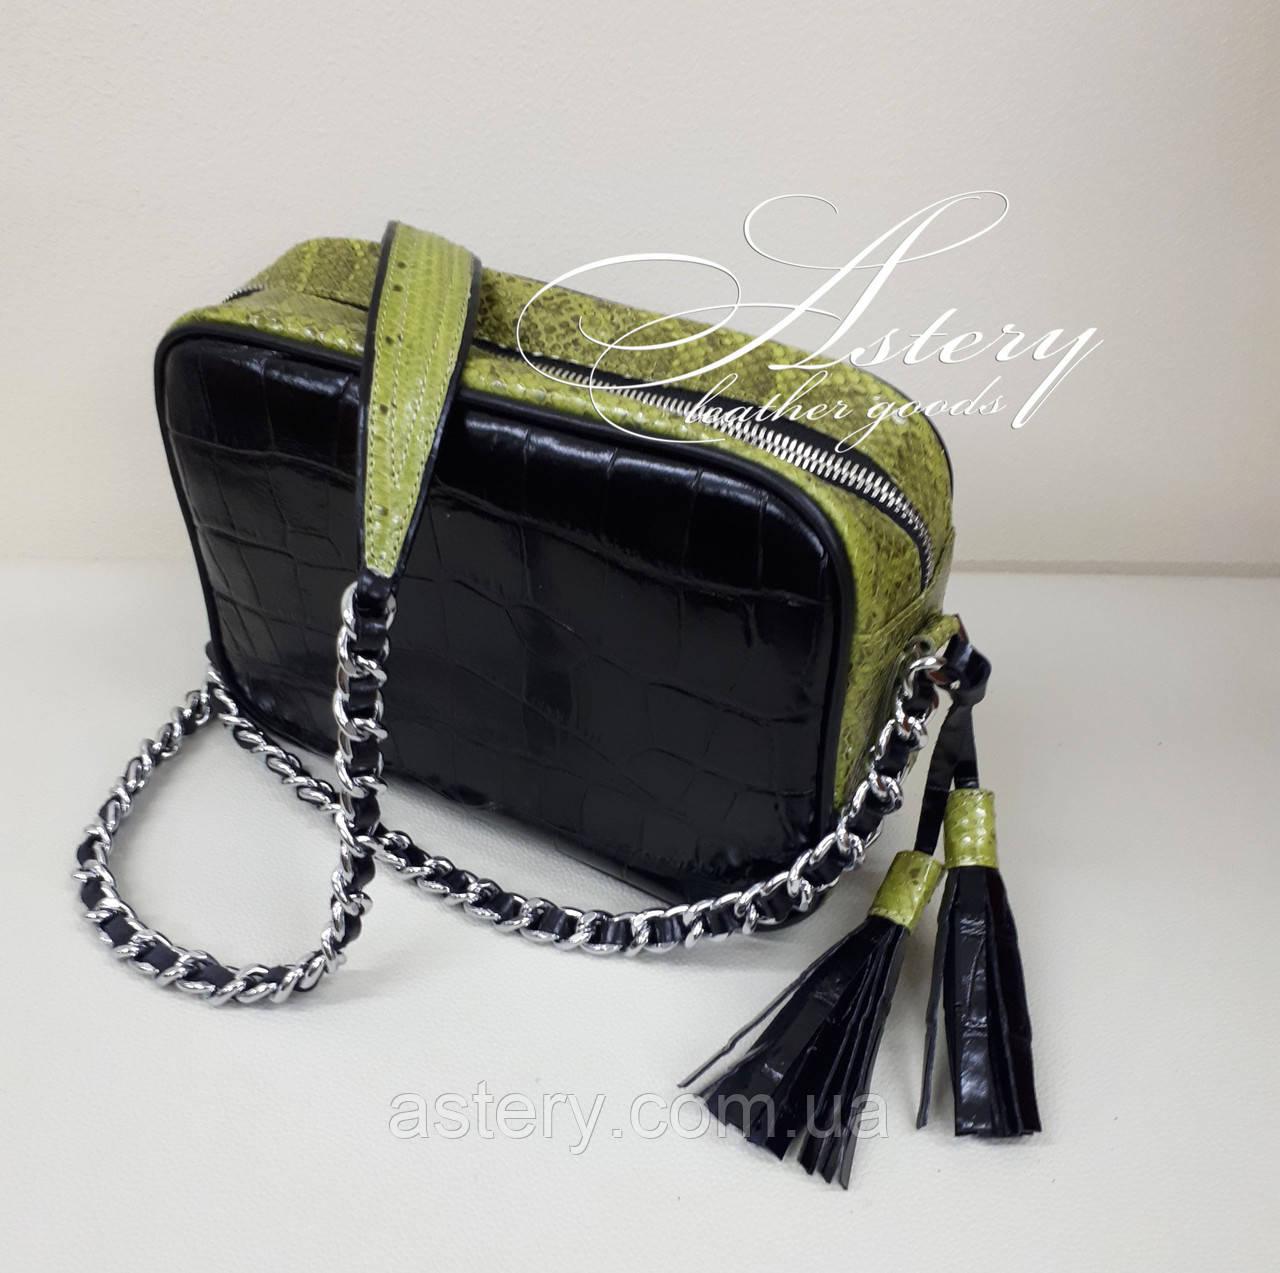 Женская черная кожаная сумочка STELLA на цепочке с зеленым питоном